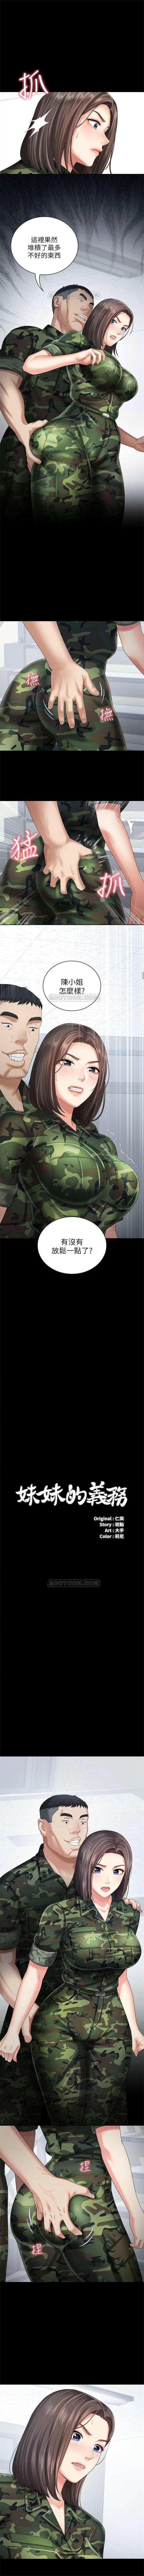 (週6)妹妹的義務 1-19 中文翻譯(更新中) 102